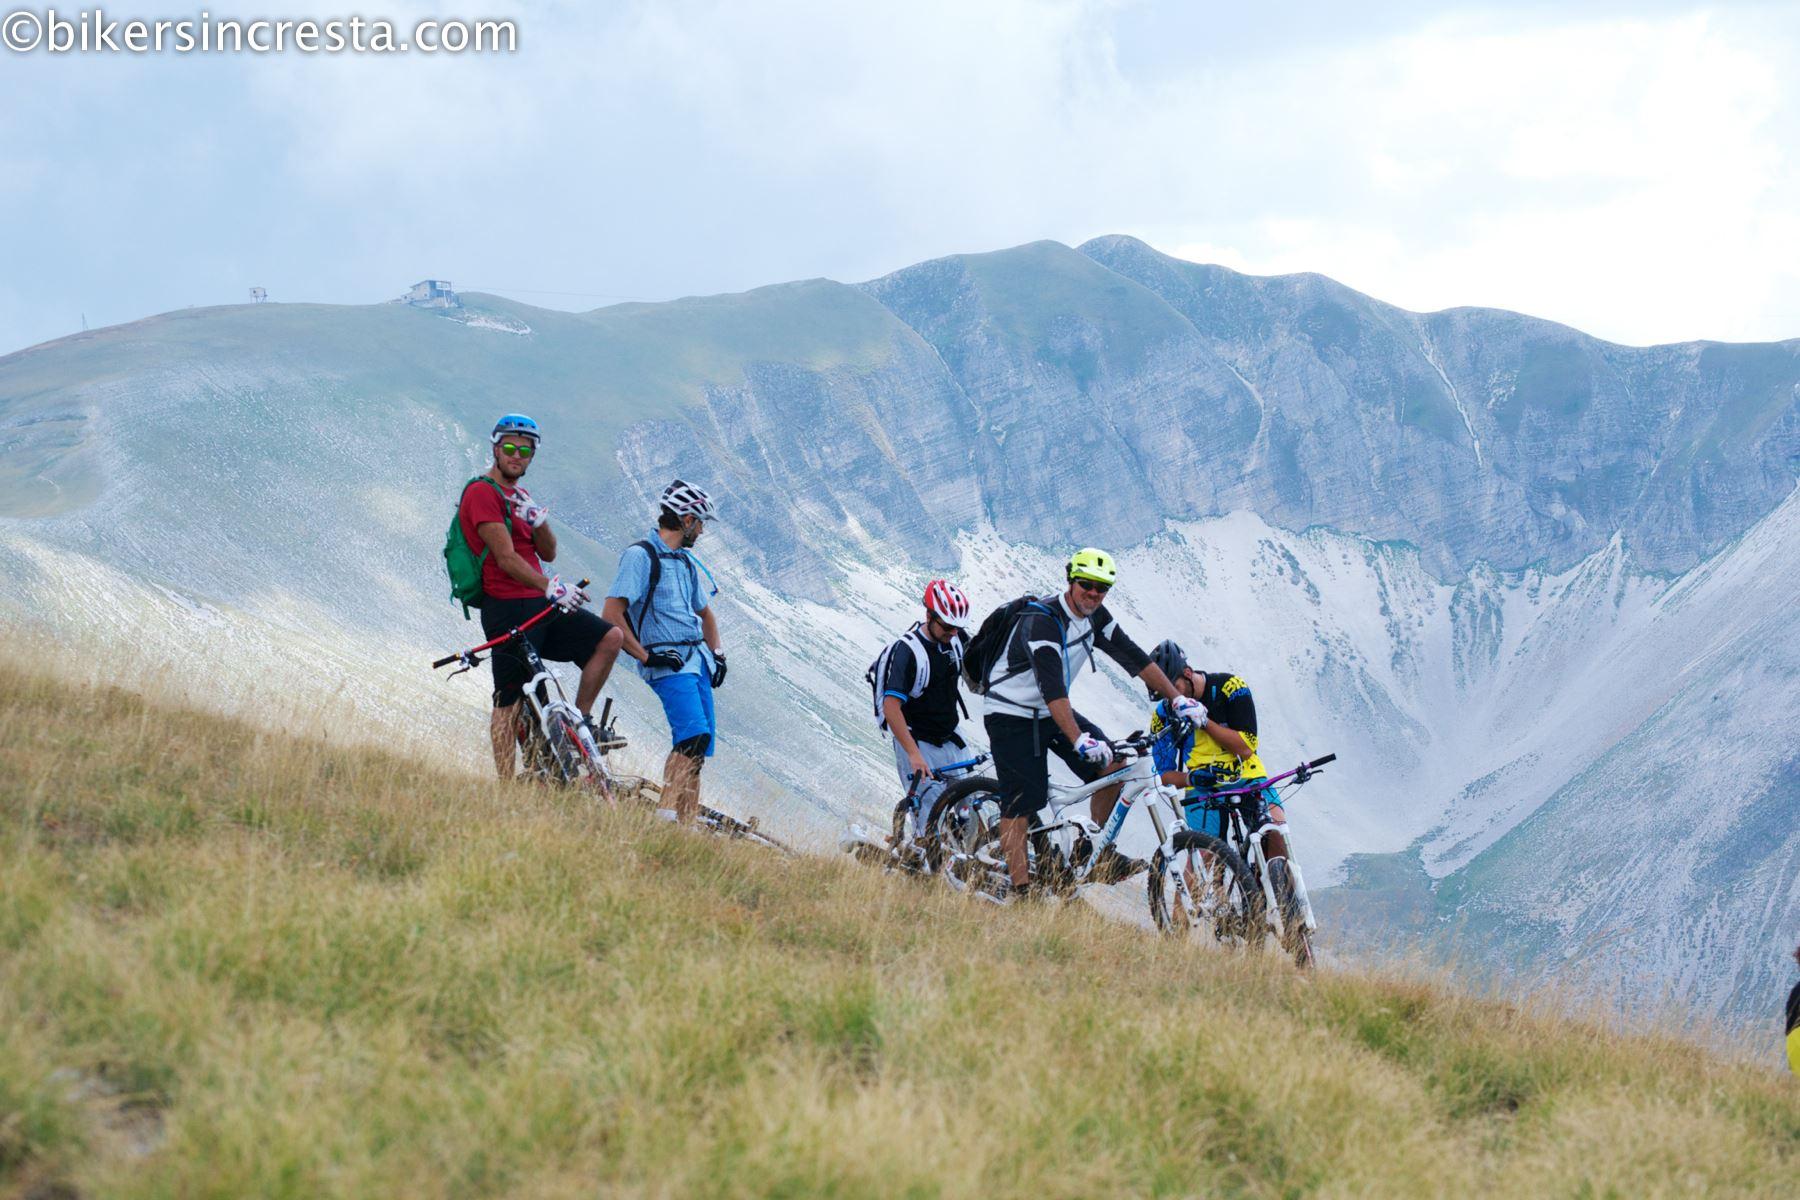 ACTION ALERT - Parco dei Monti Sibillini